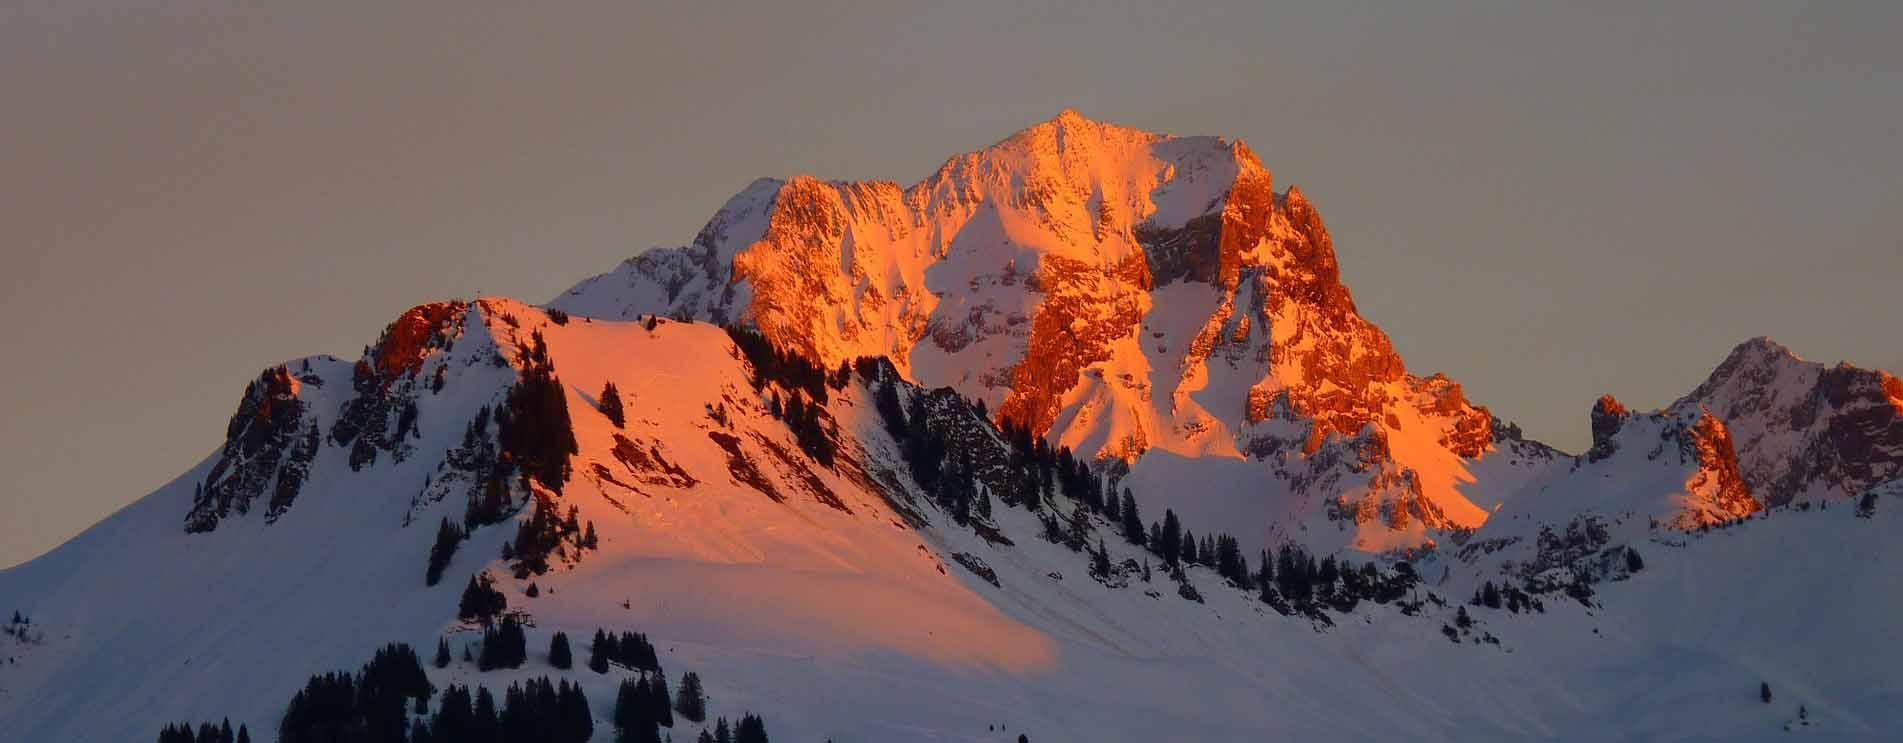 Alpenglühen in den Bergen und im Hochgebirge bei Sonnenuntergang und Sonnenaufgang